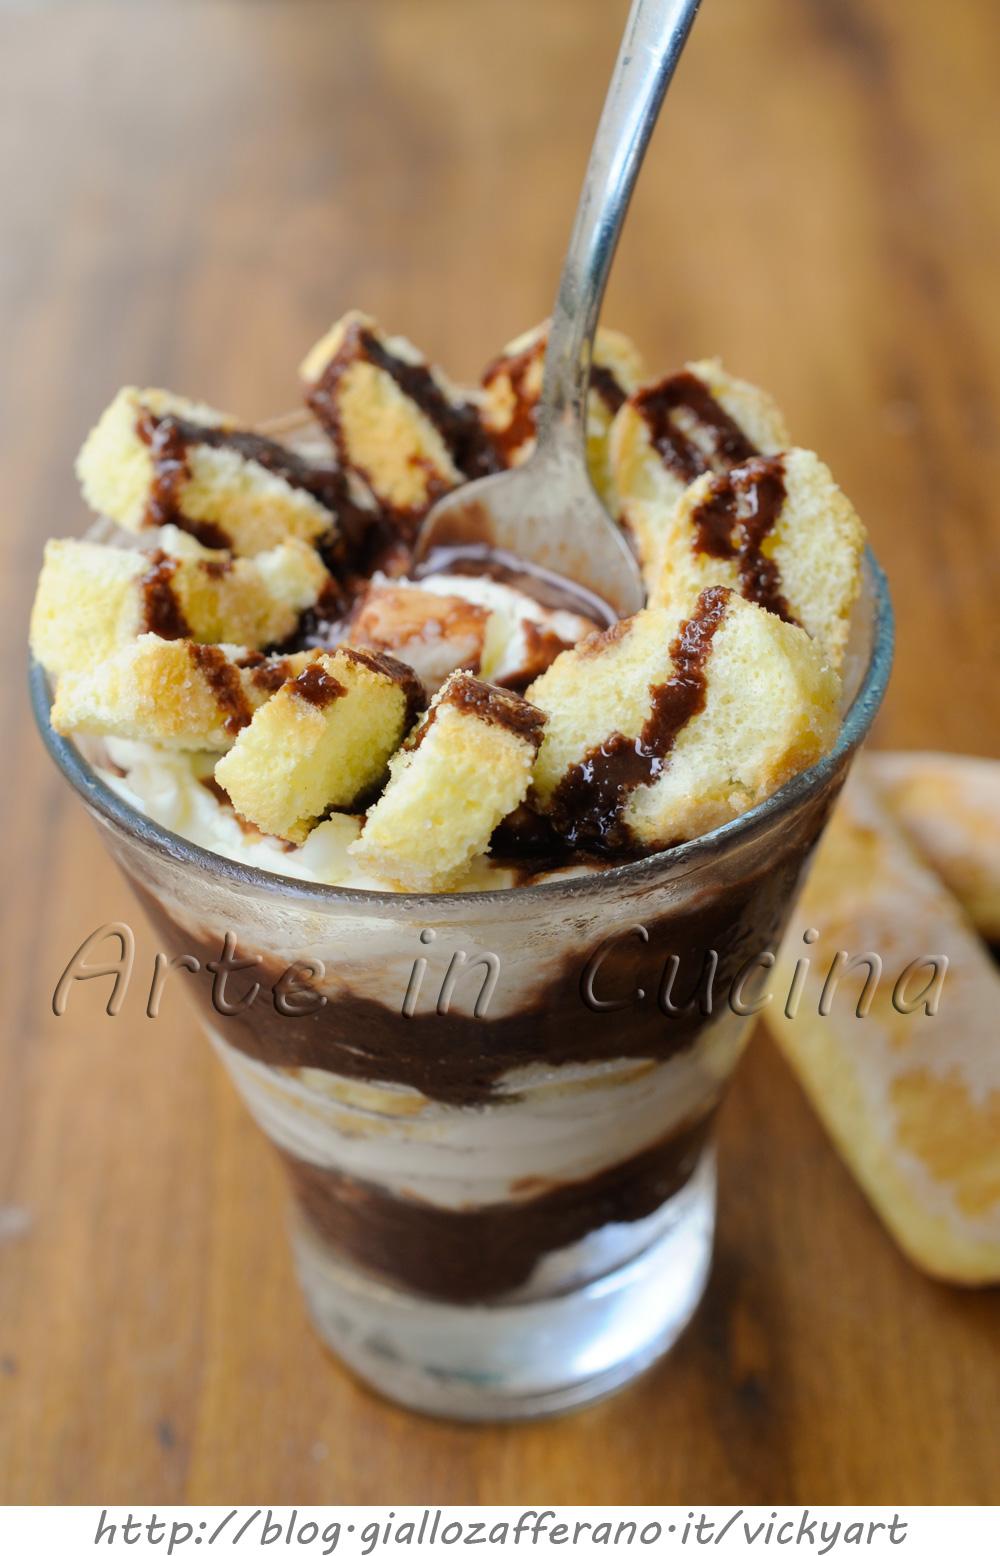 Coppa con biscotti mascarpone e nutella vickyart arte in cucina